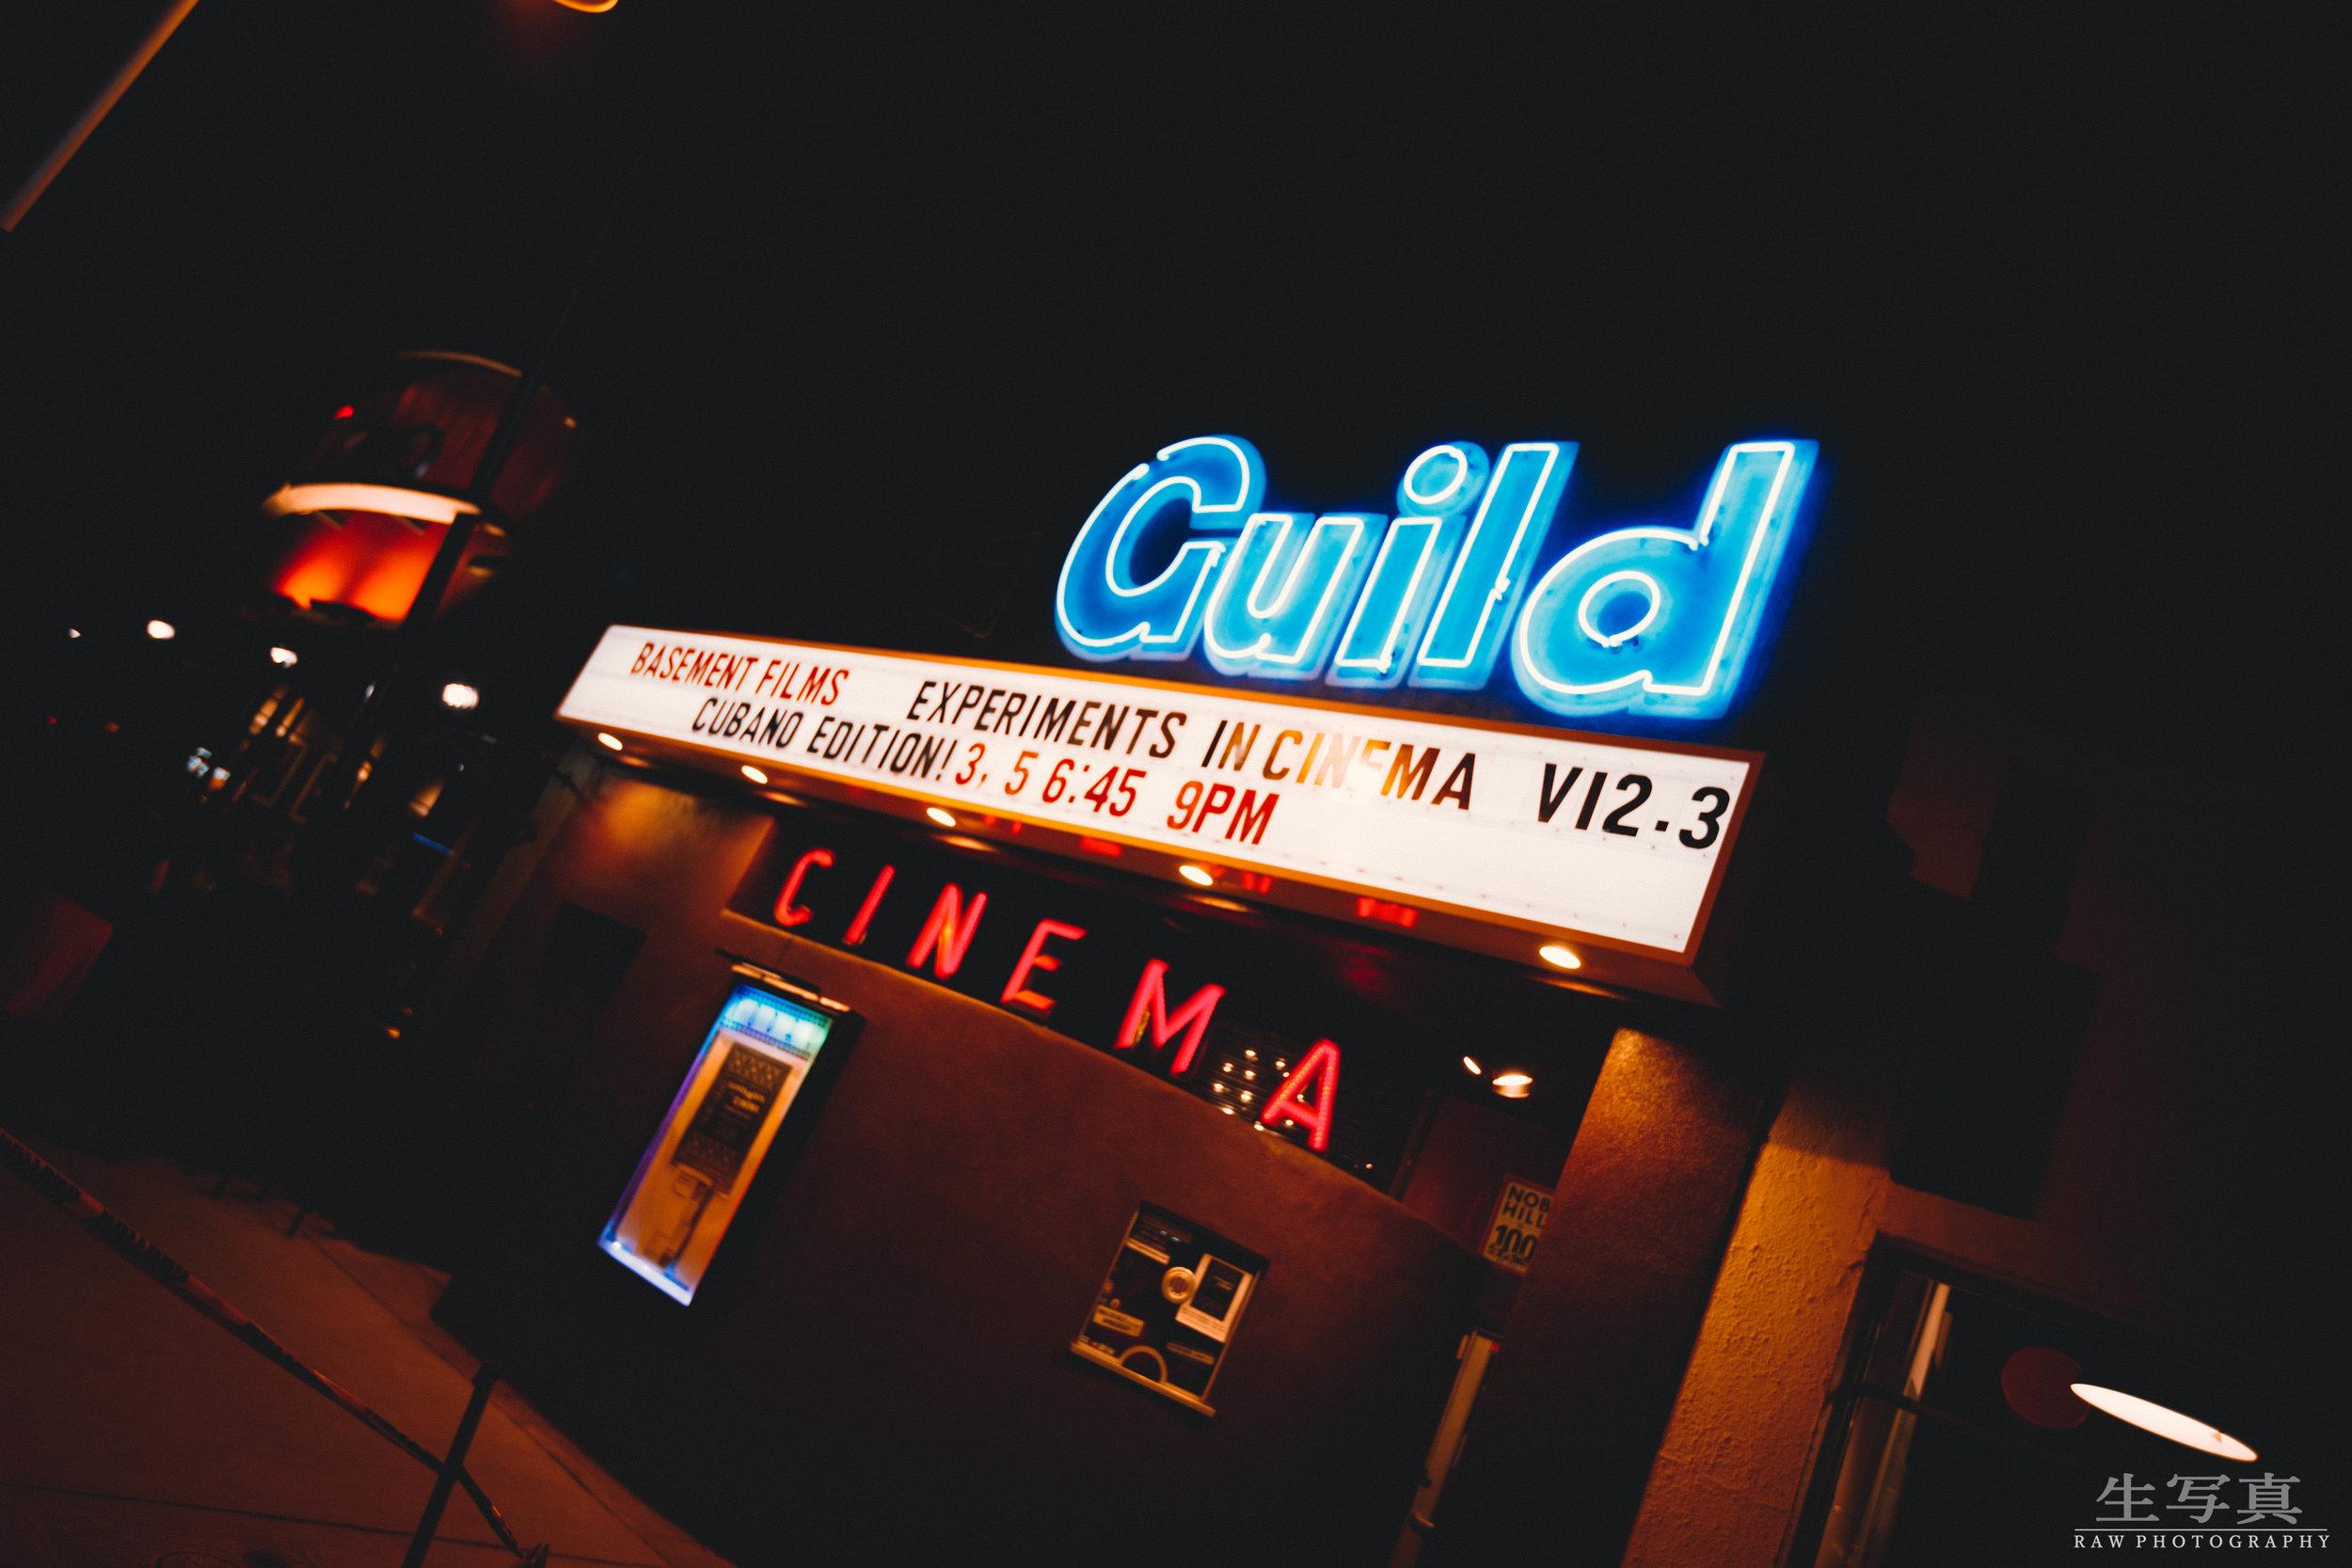 Guild Cinema, Albuquerque, NM